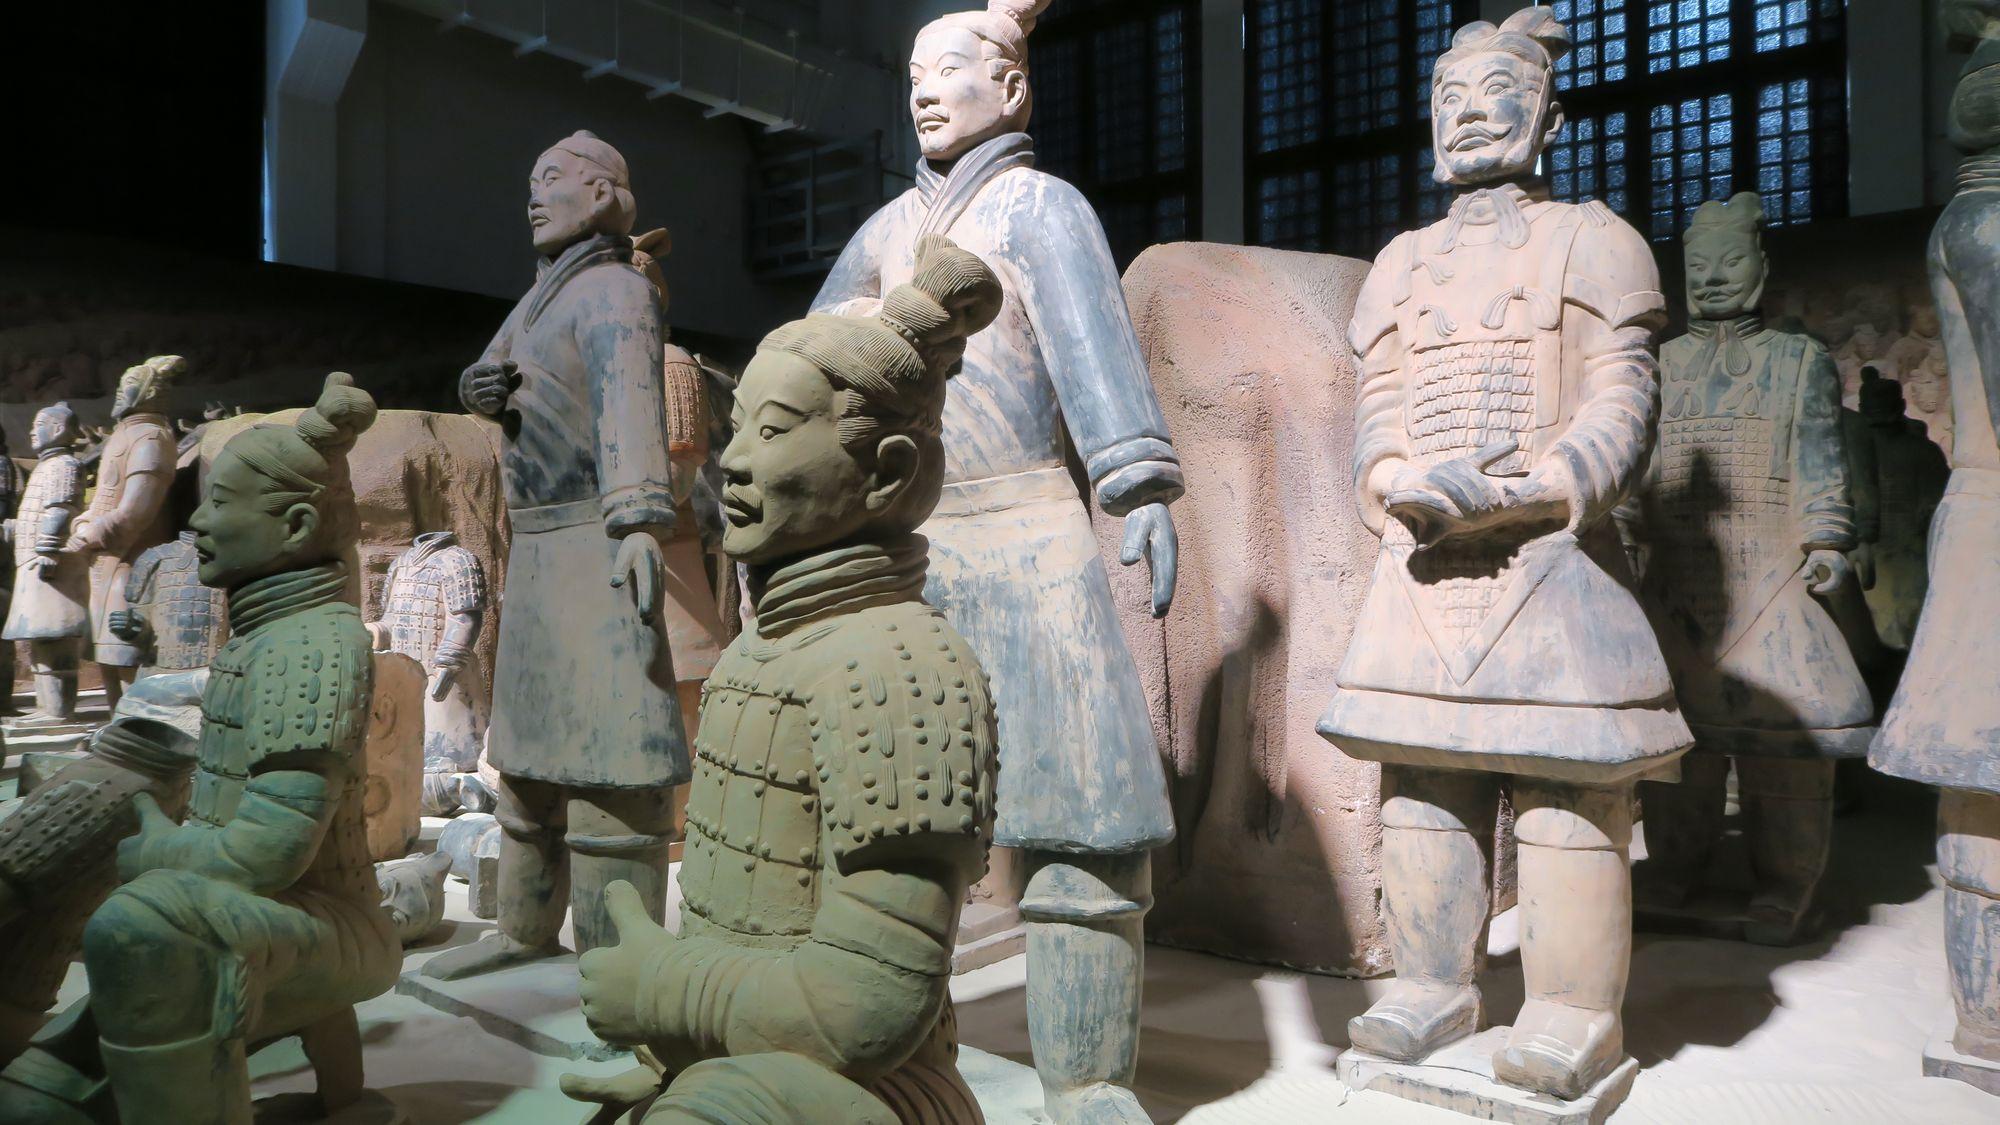 Insgesamt 150 Ton-Krieger sind zu sehen.